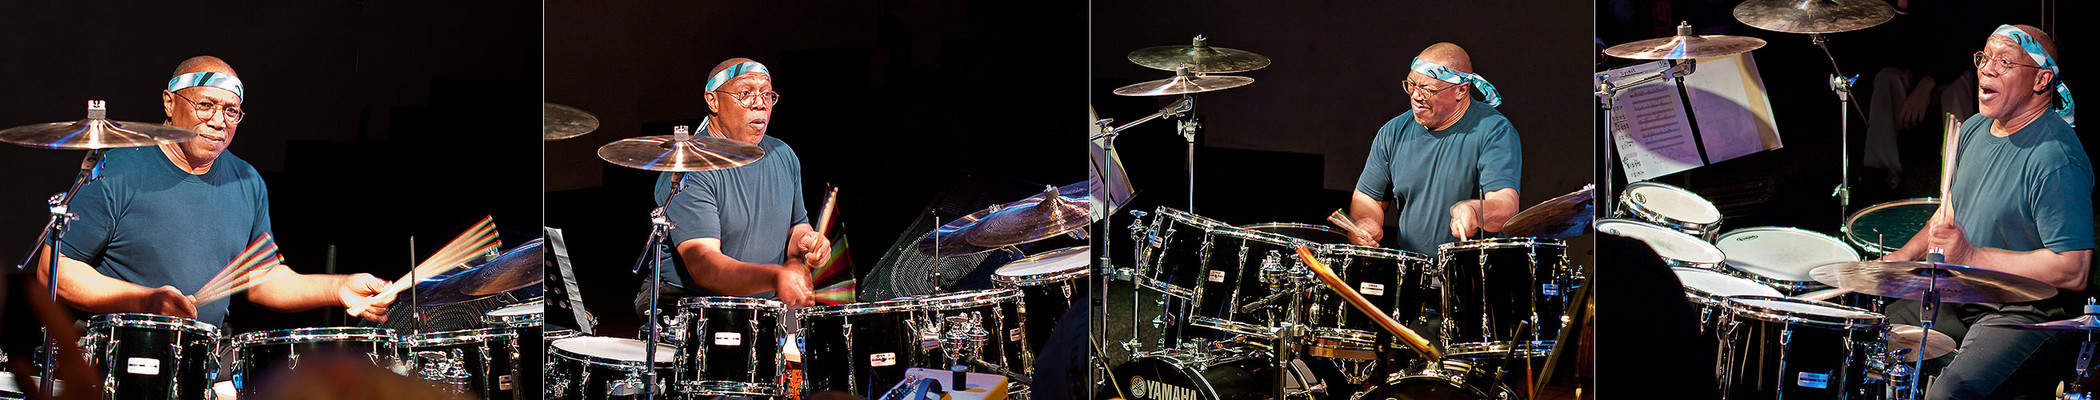 am Schlagzeug...